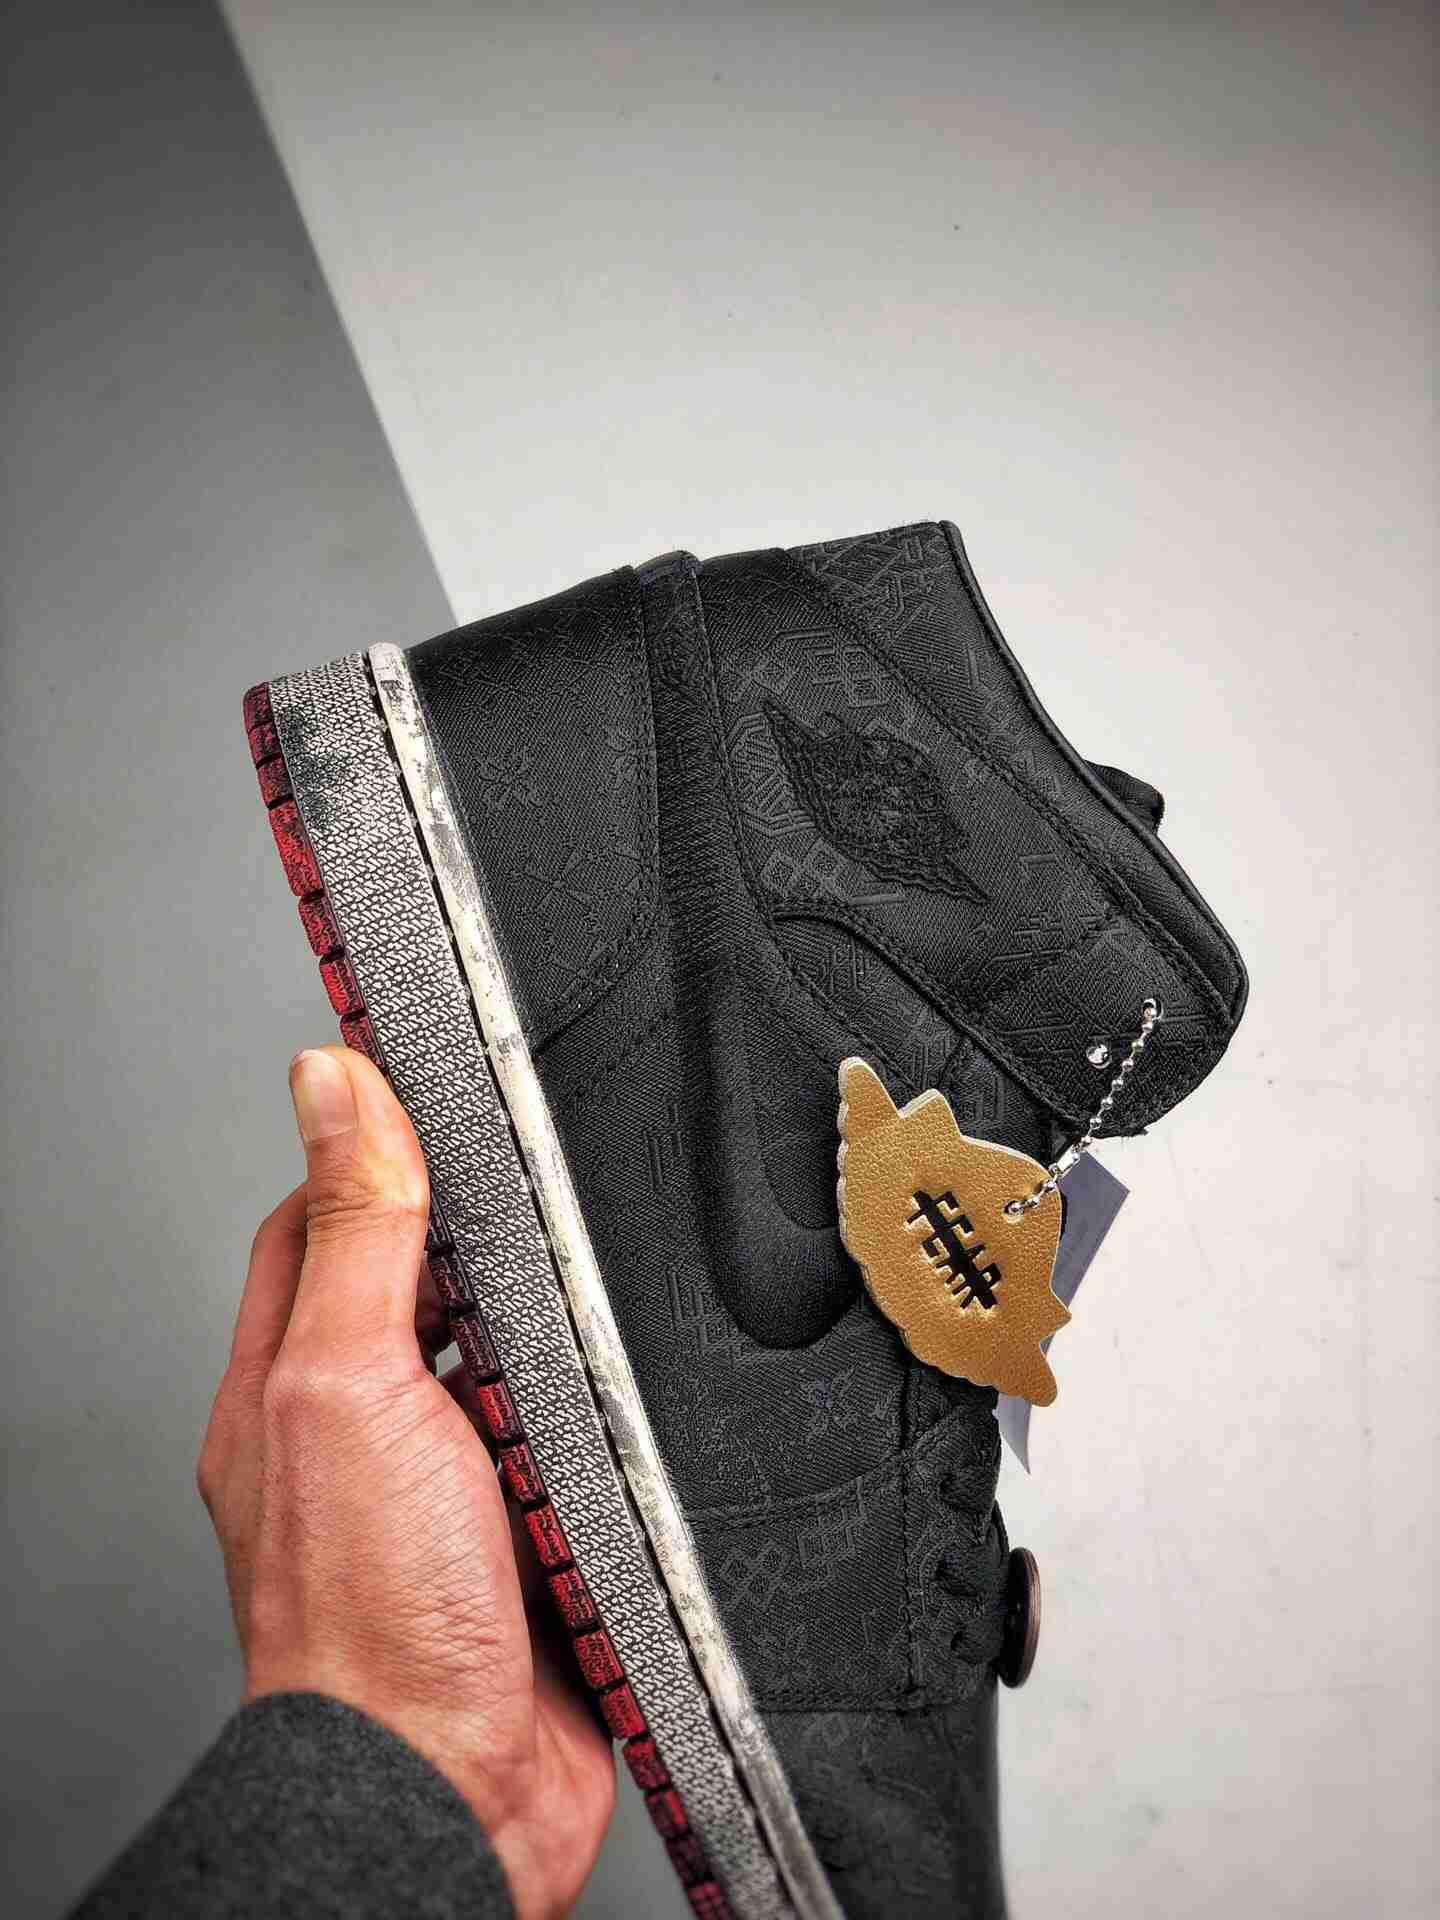 """CLOT x Air Jordan 1 Mid """"Fearless"""" 乔一中帮 做旧黑丝绸 双层可撕版本"""